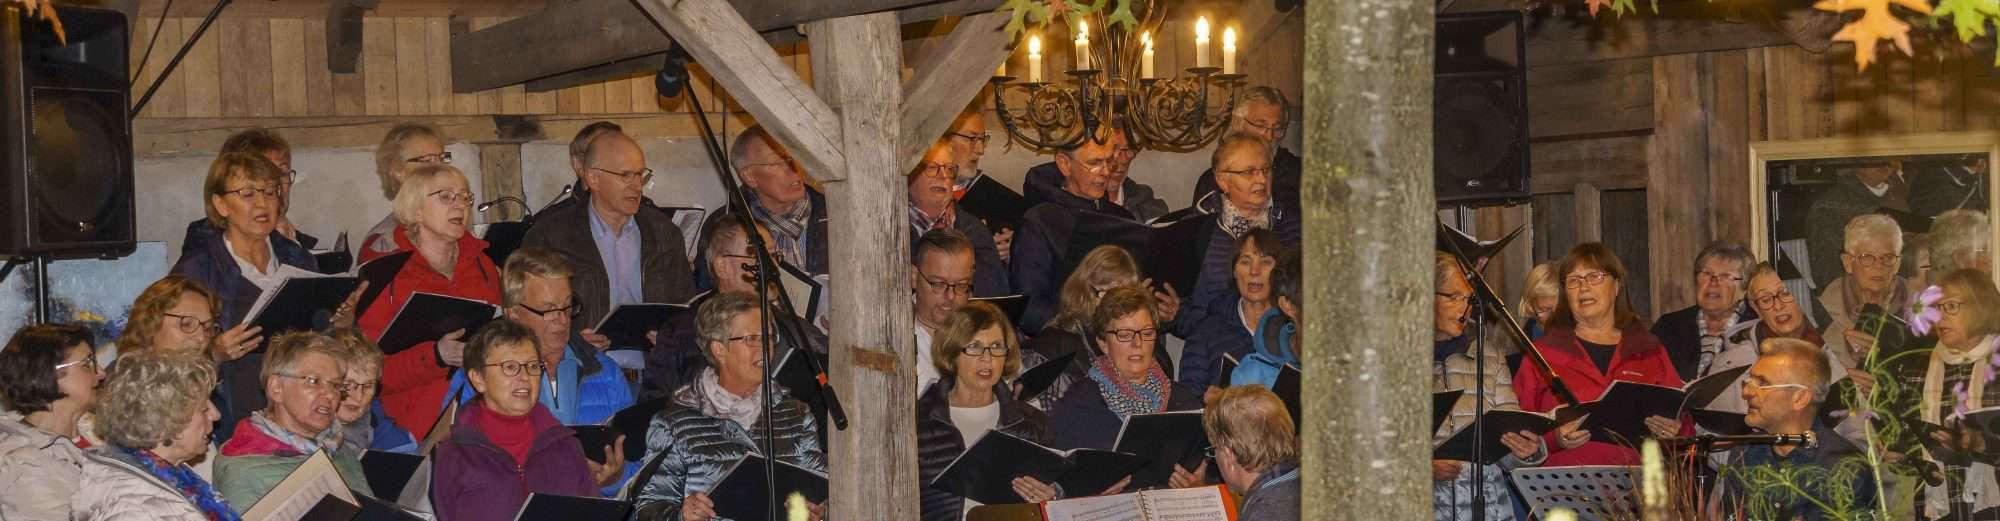 Singing Voices Intern